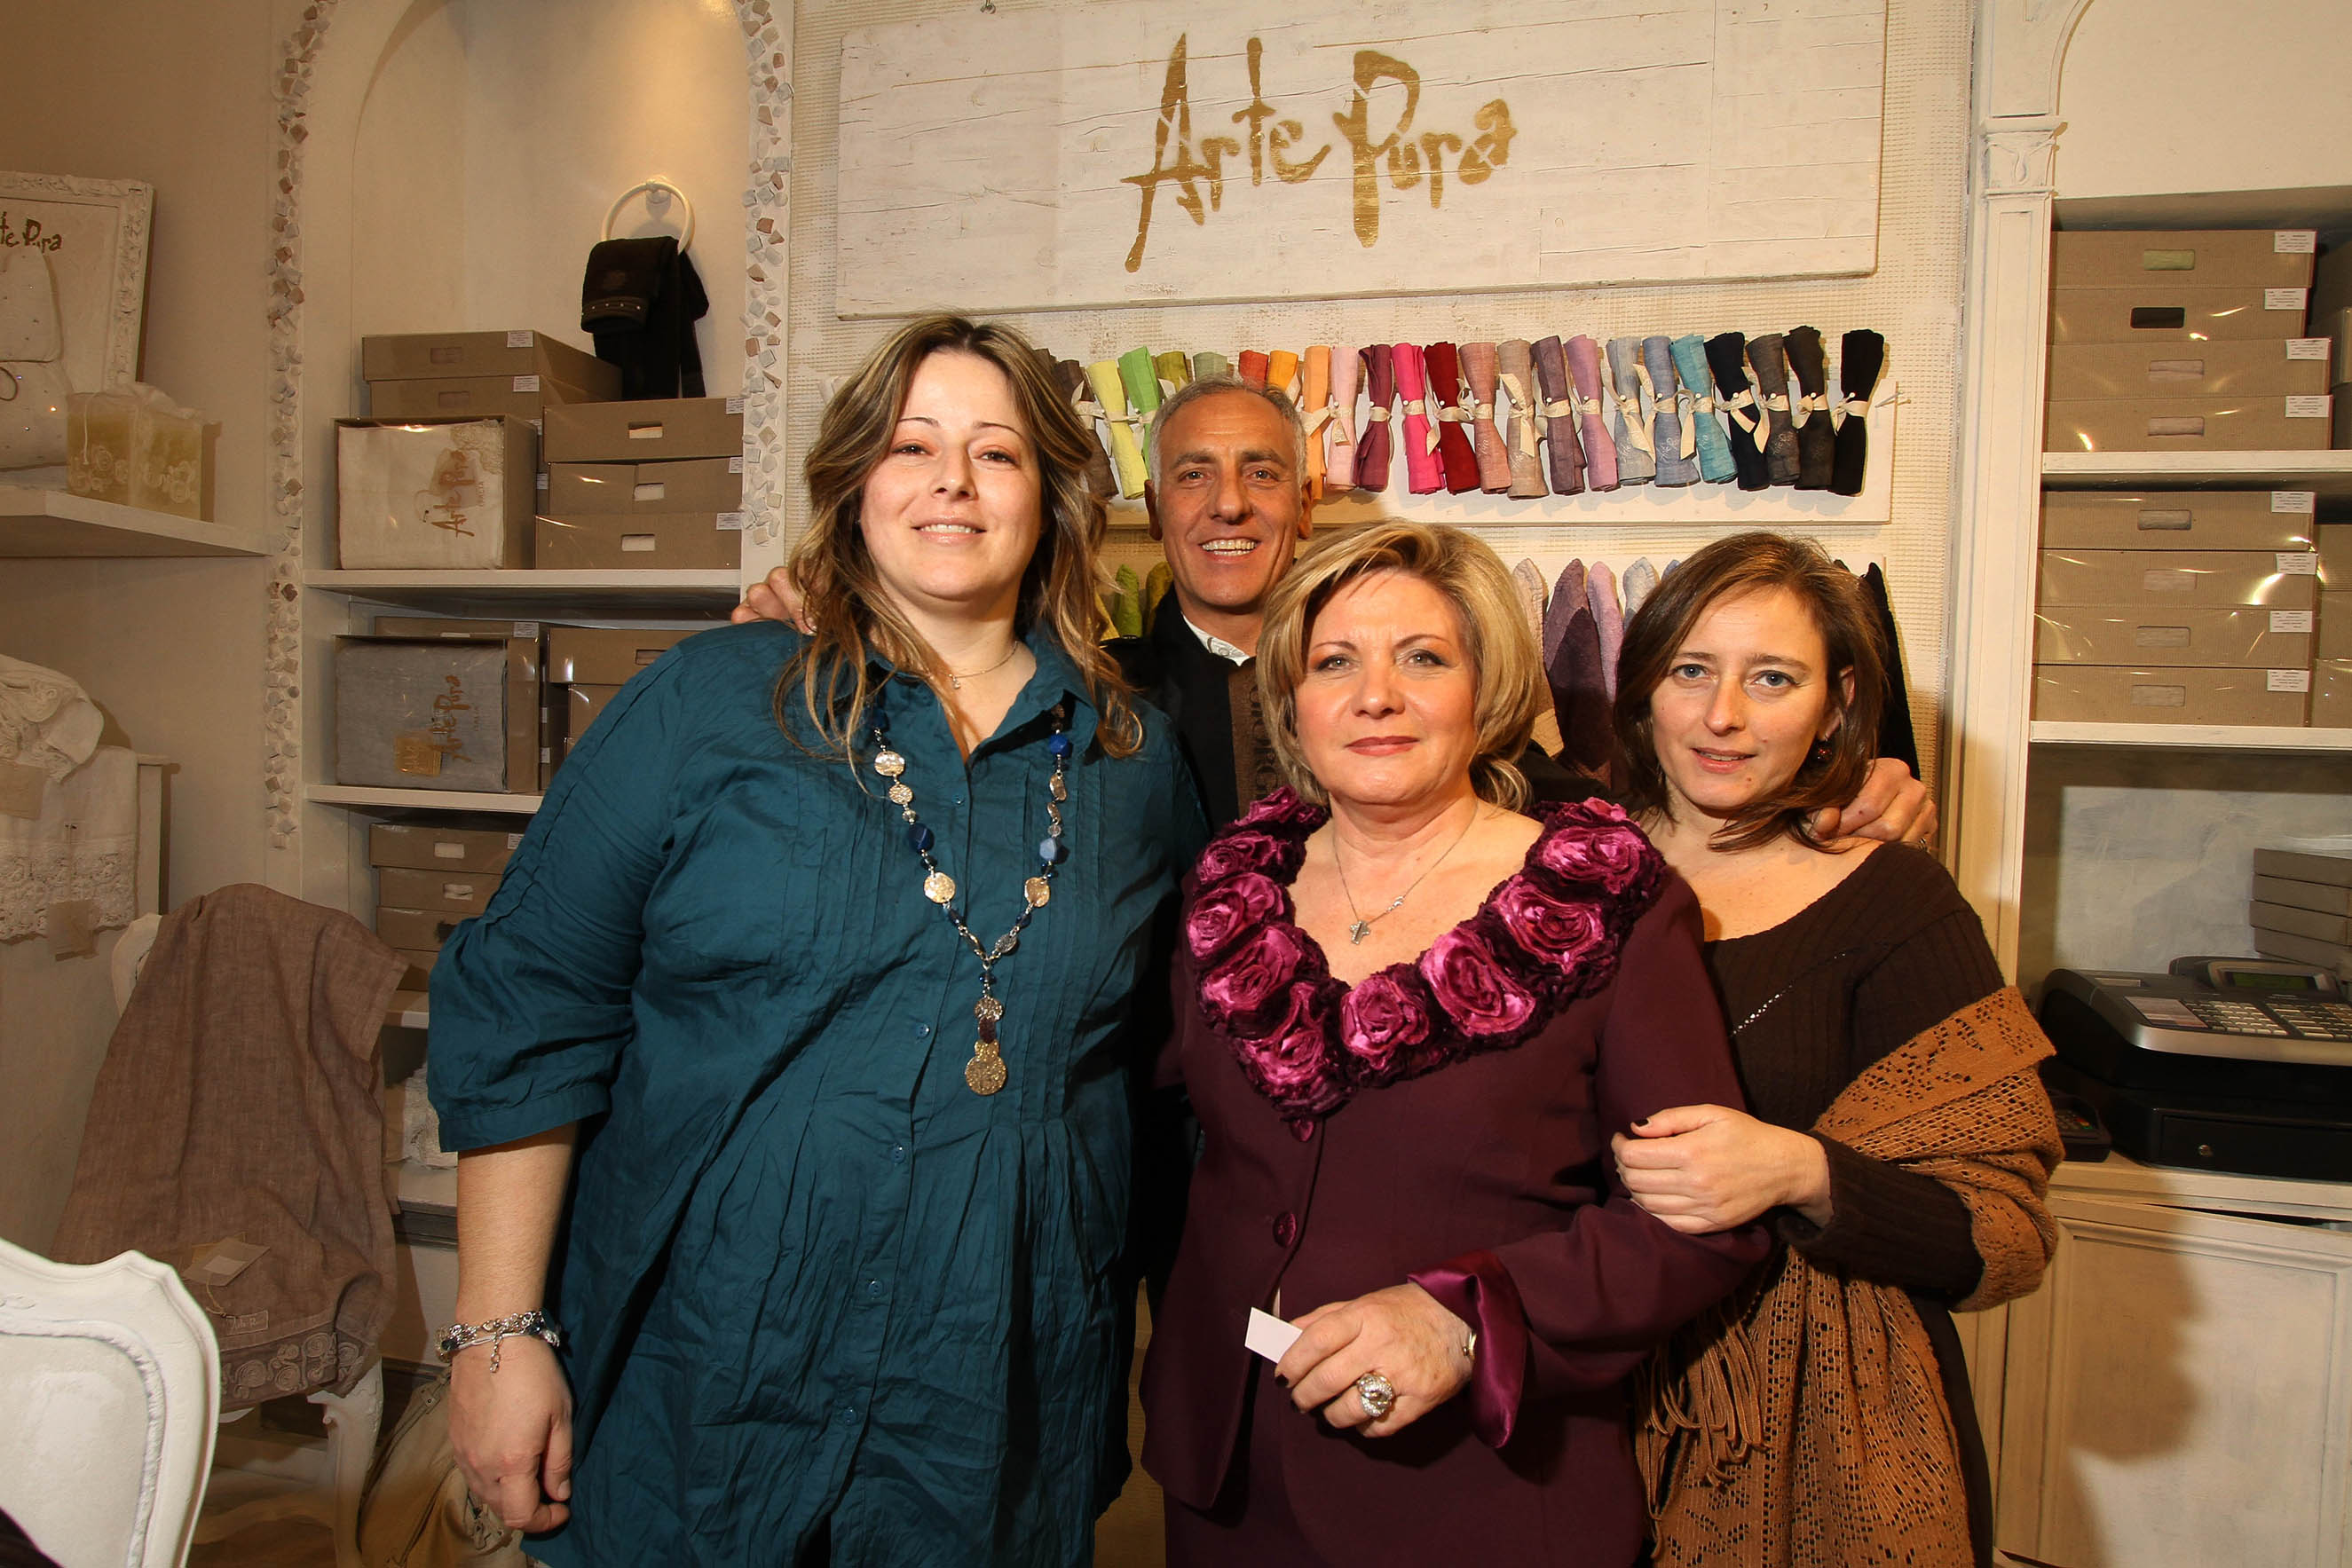 PRESSPHOTO Firenze, La Galleria. Nella foto Paola Ciolli, Nicola Cesàro, Betti Mastrangeli e Stefania Magnani